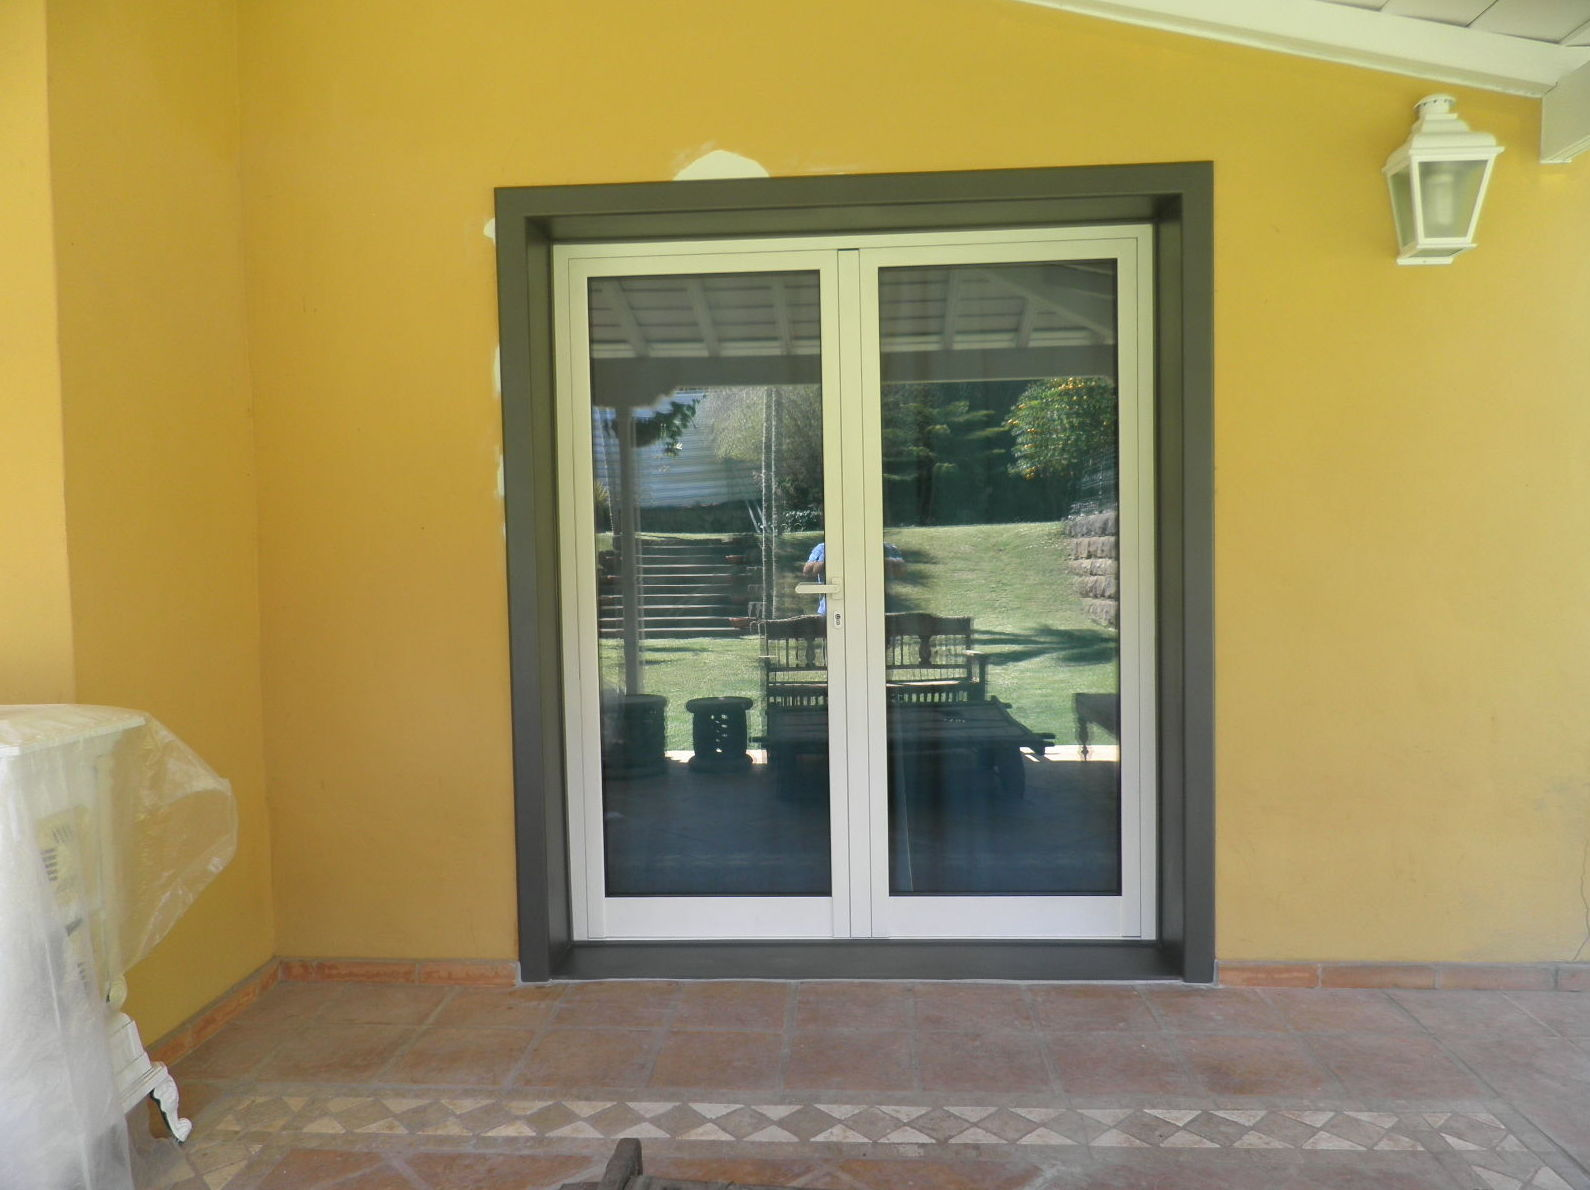 Puerta abisagrada de aluminio blanco